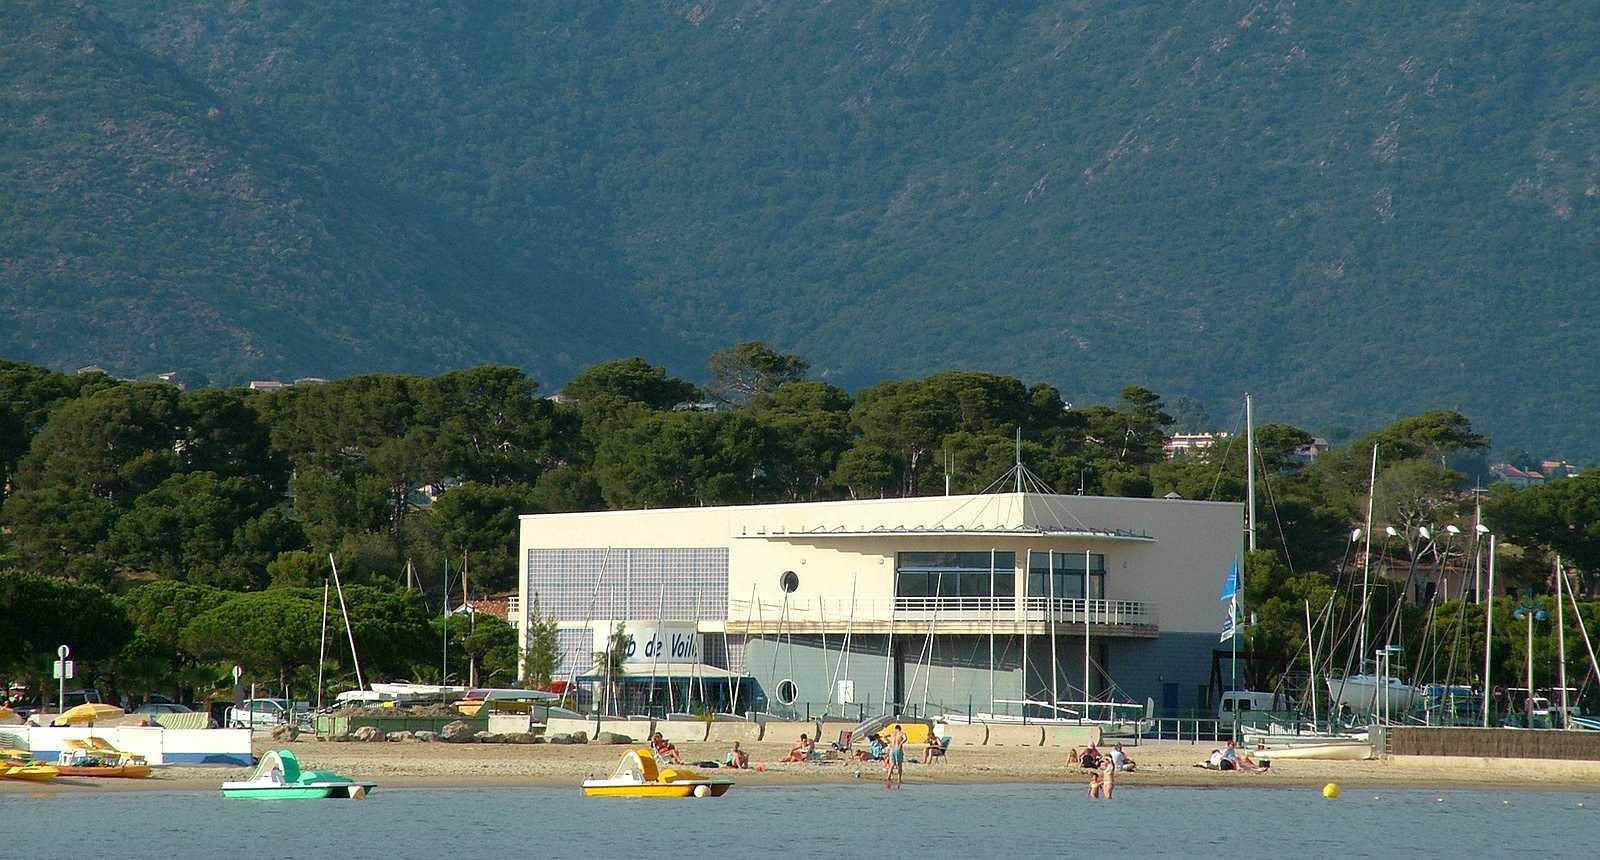 La plage et le club de voile de Bormes-les-Mimosas